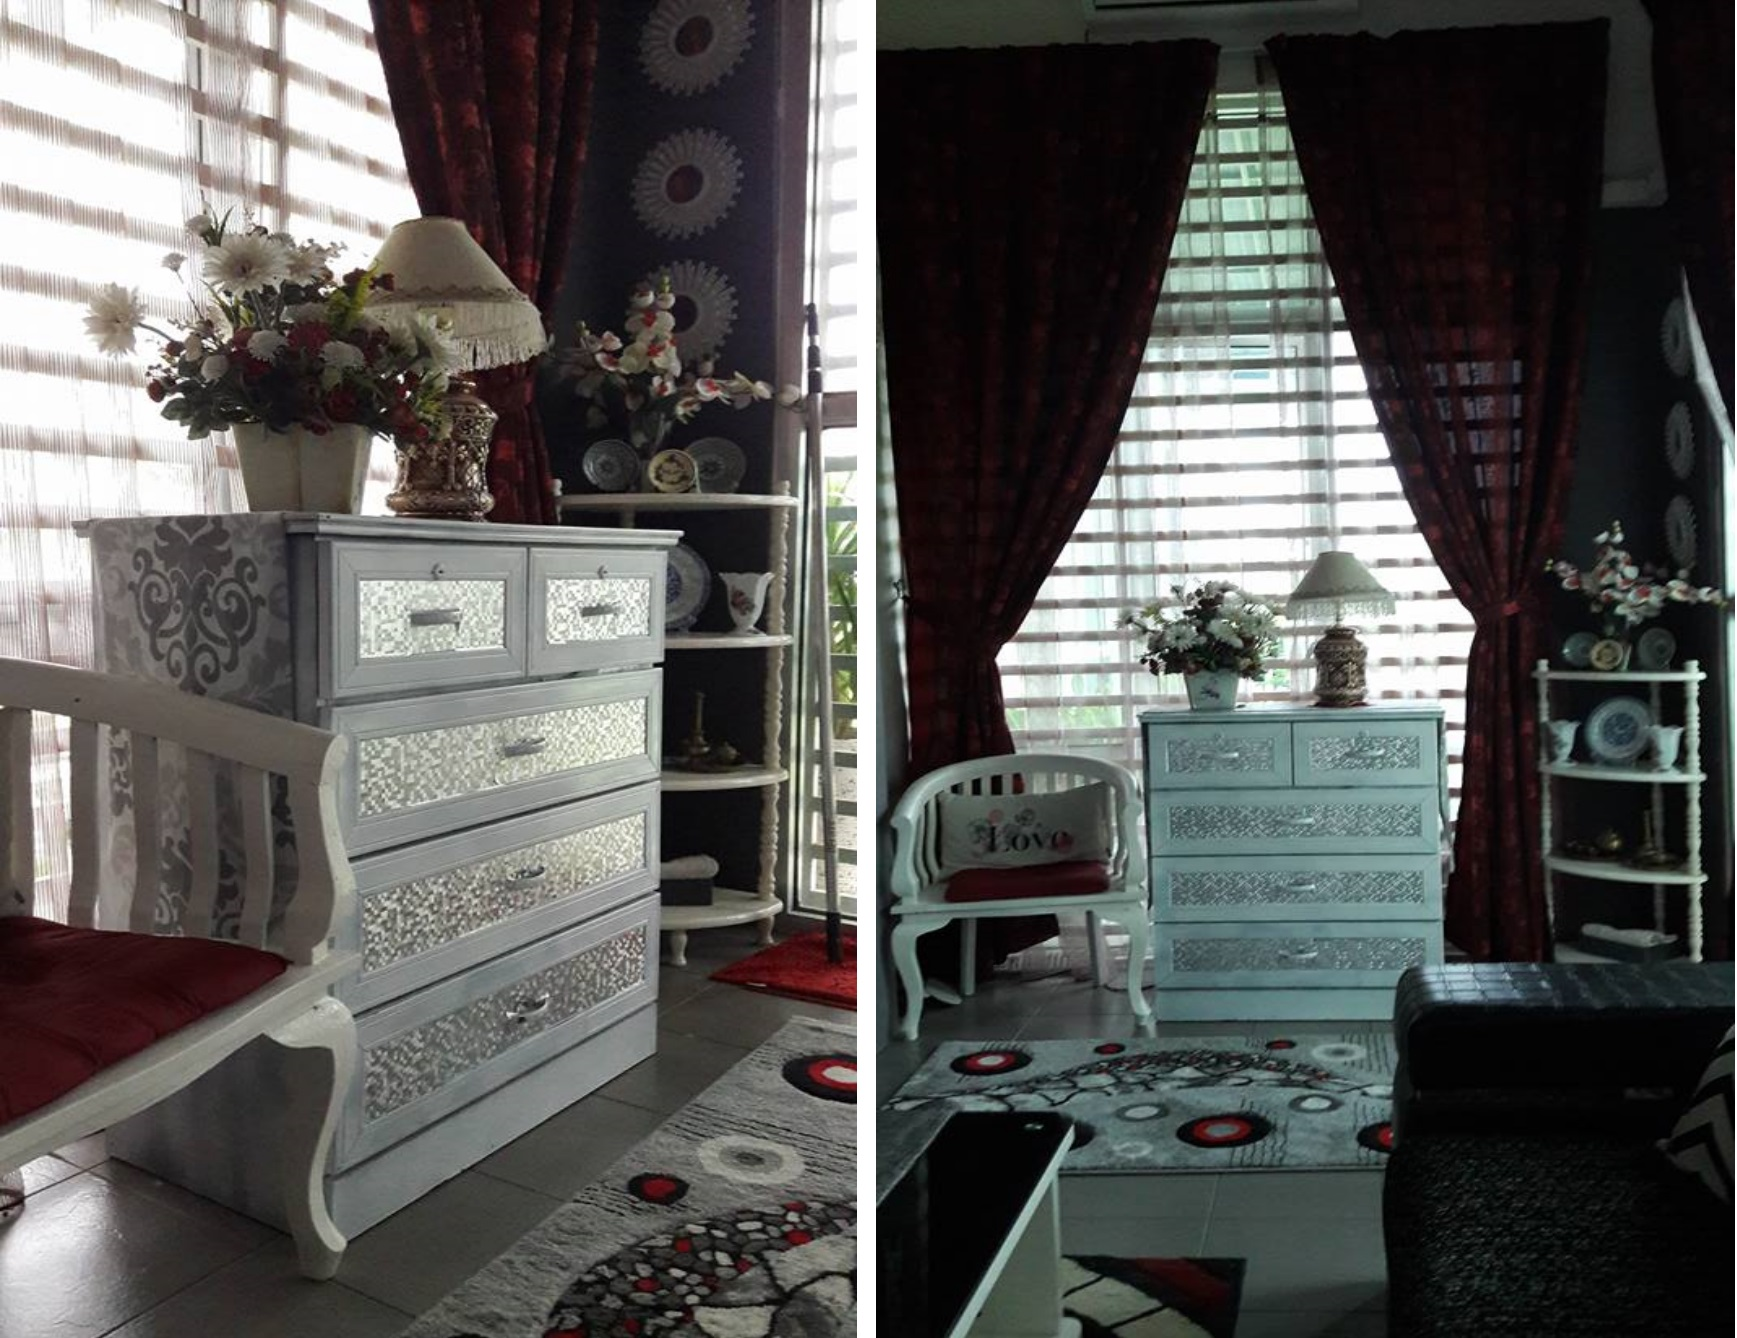 diy perabot terpakai guna almari lama untuk hiasan ruang tamu